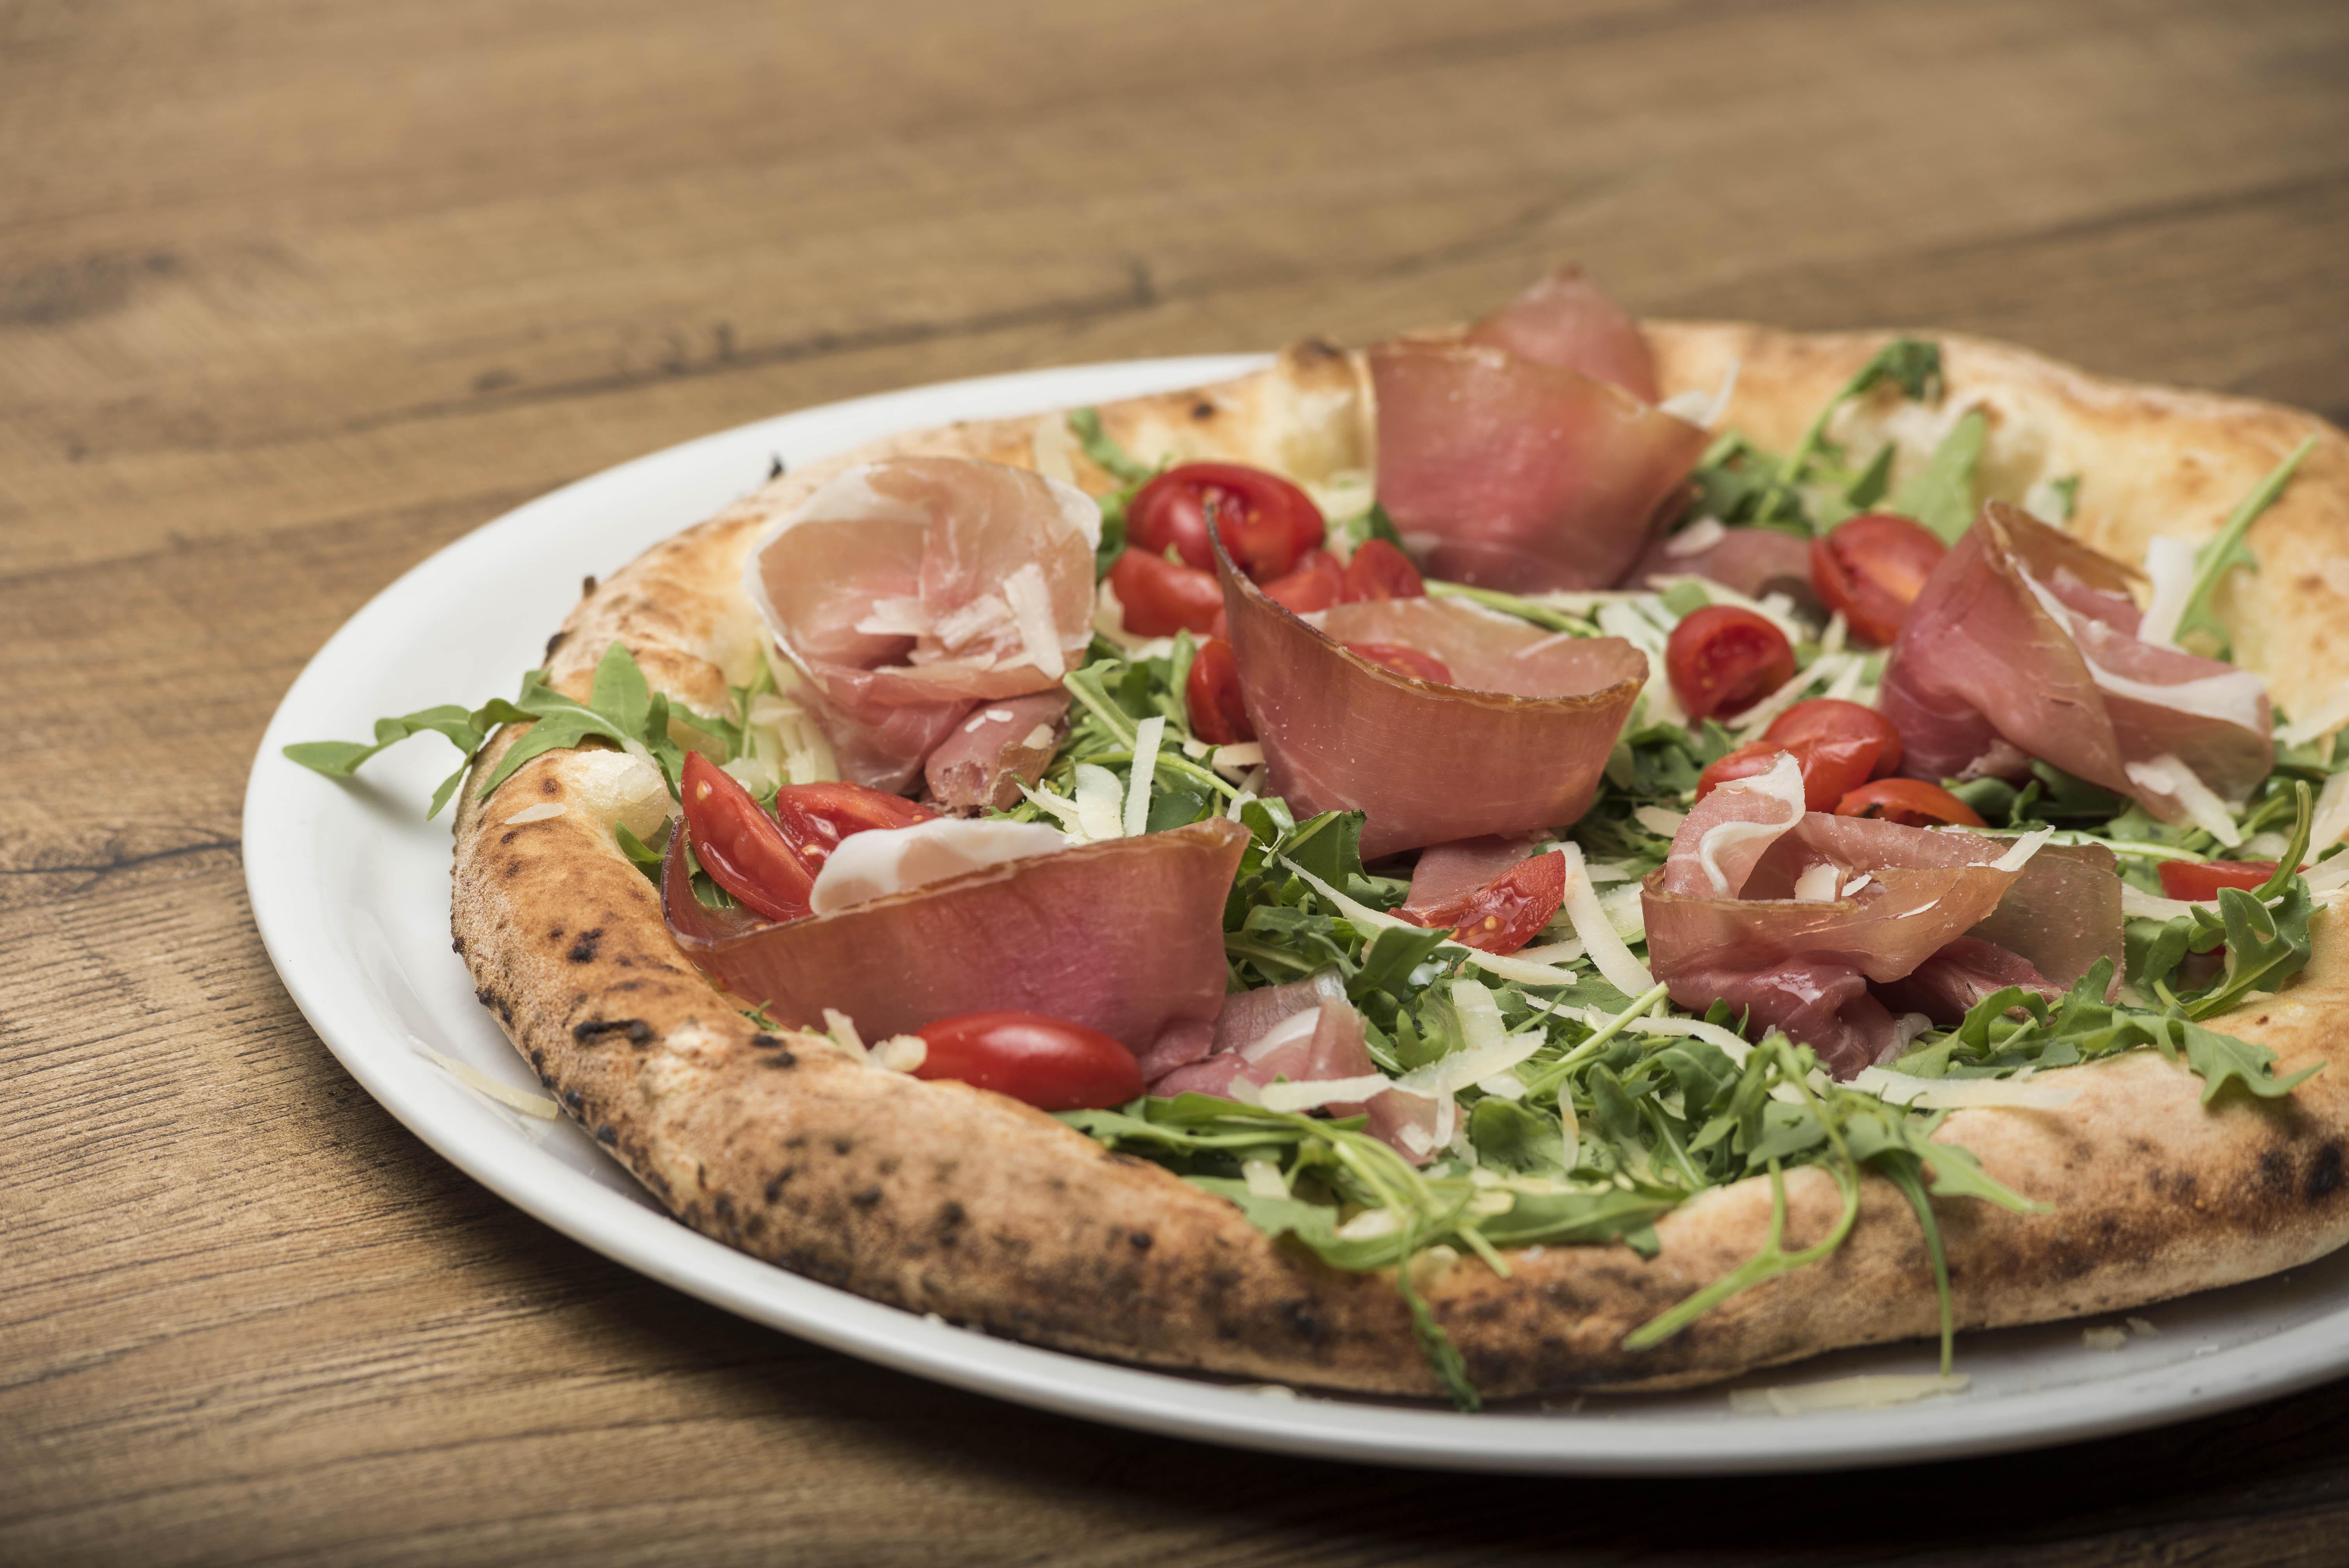 Fotografo Cava Dei Tirreni pizzeria e ristorante 'o ciardino - cava de' tirreni (sa)